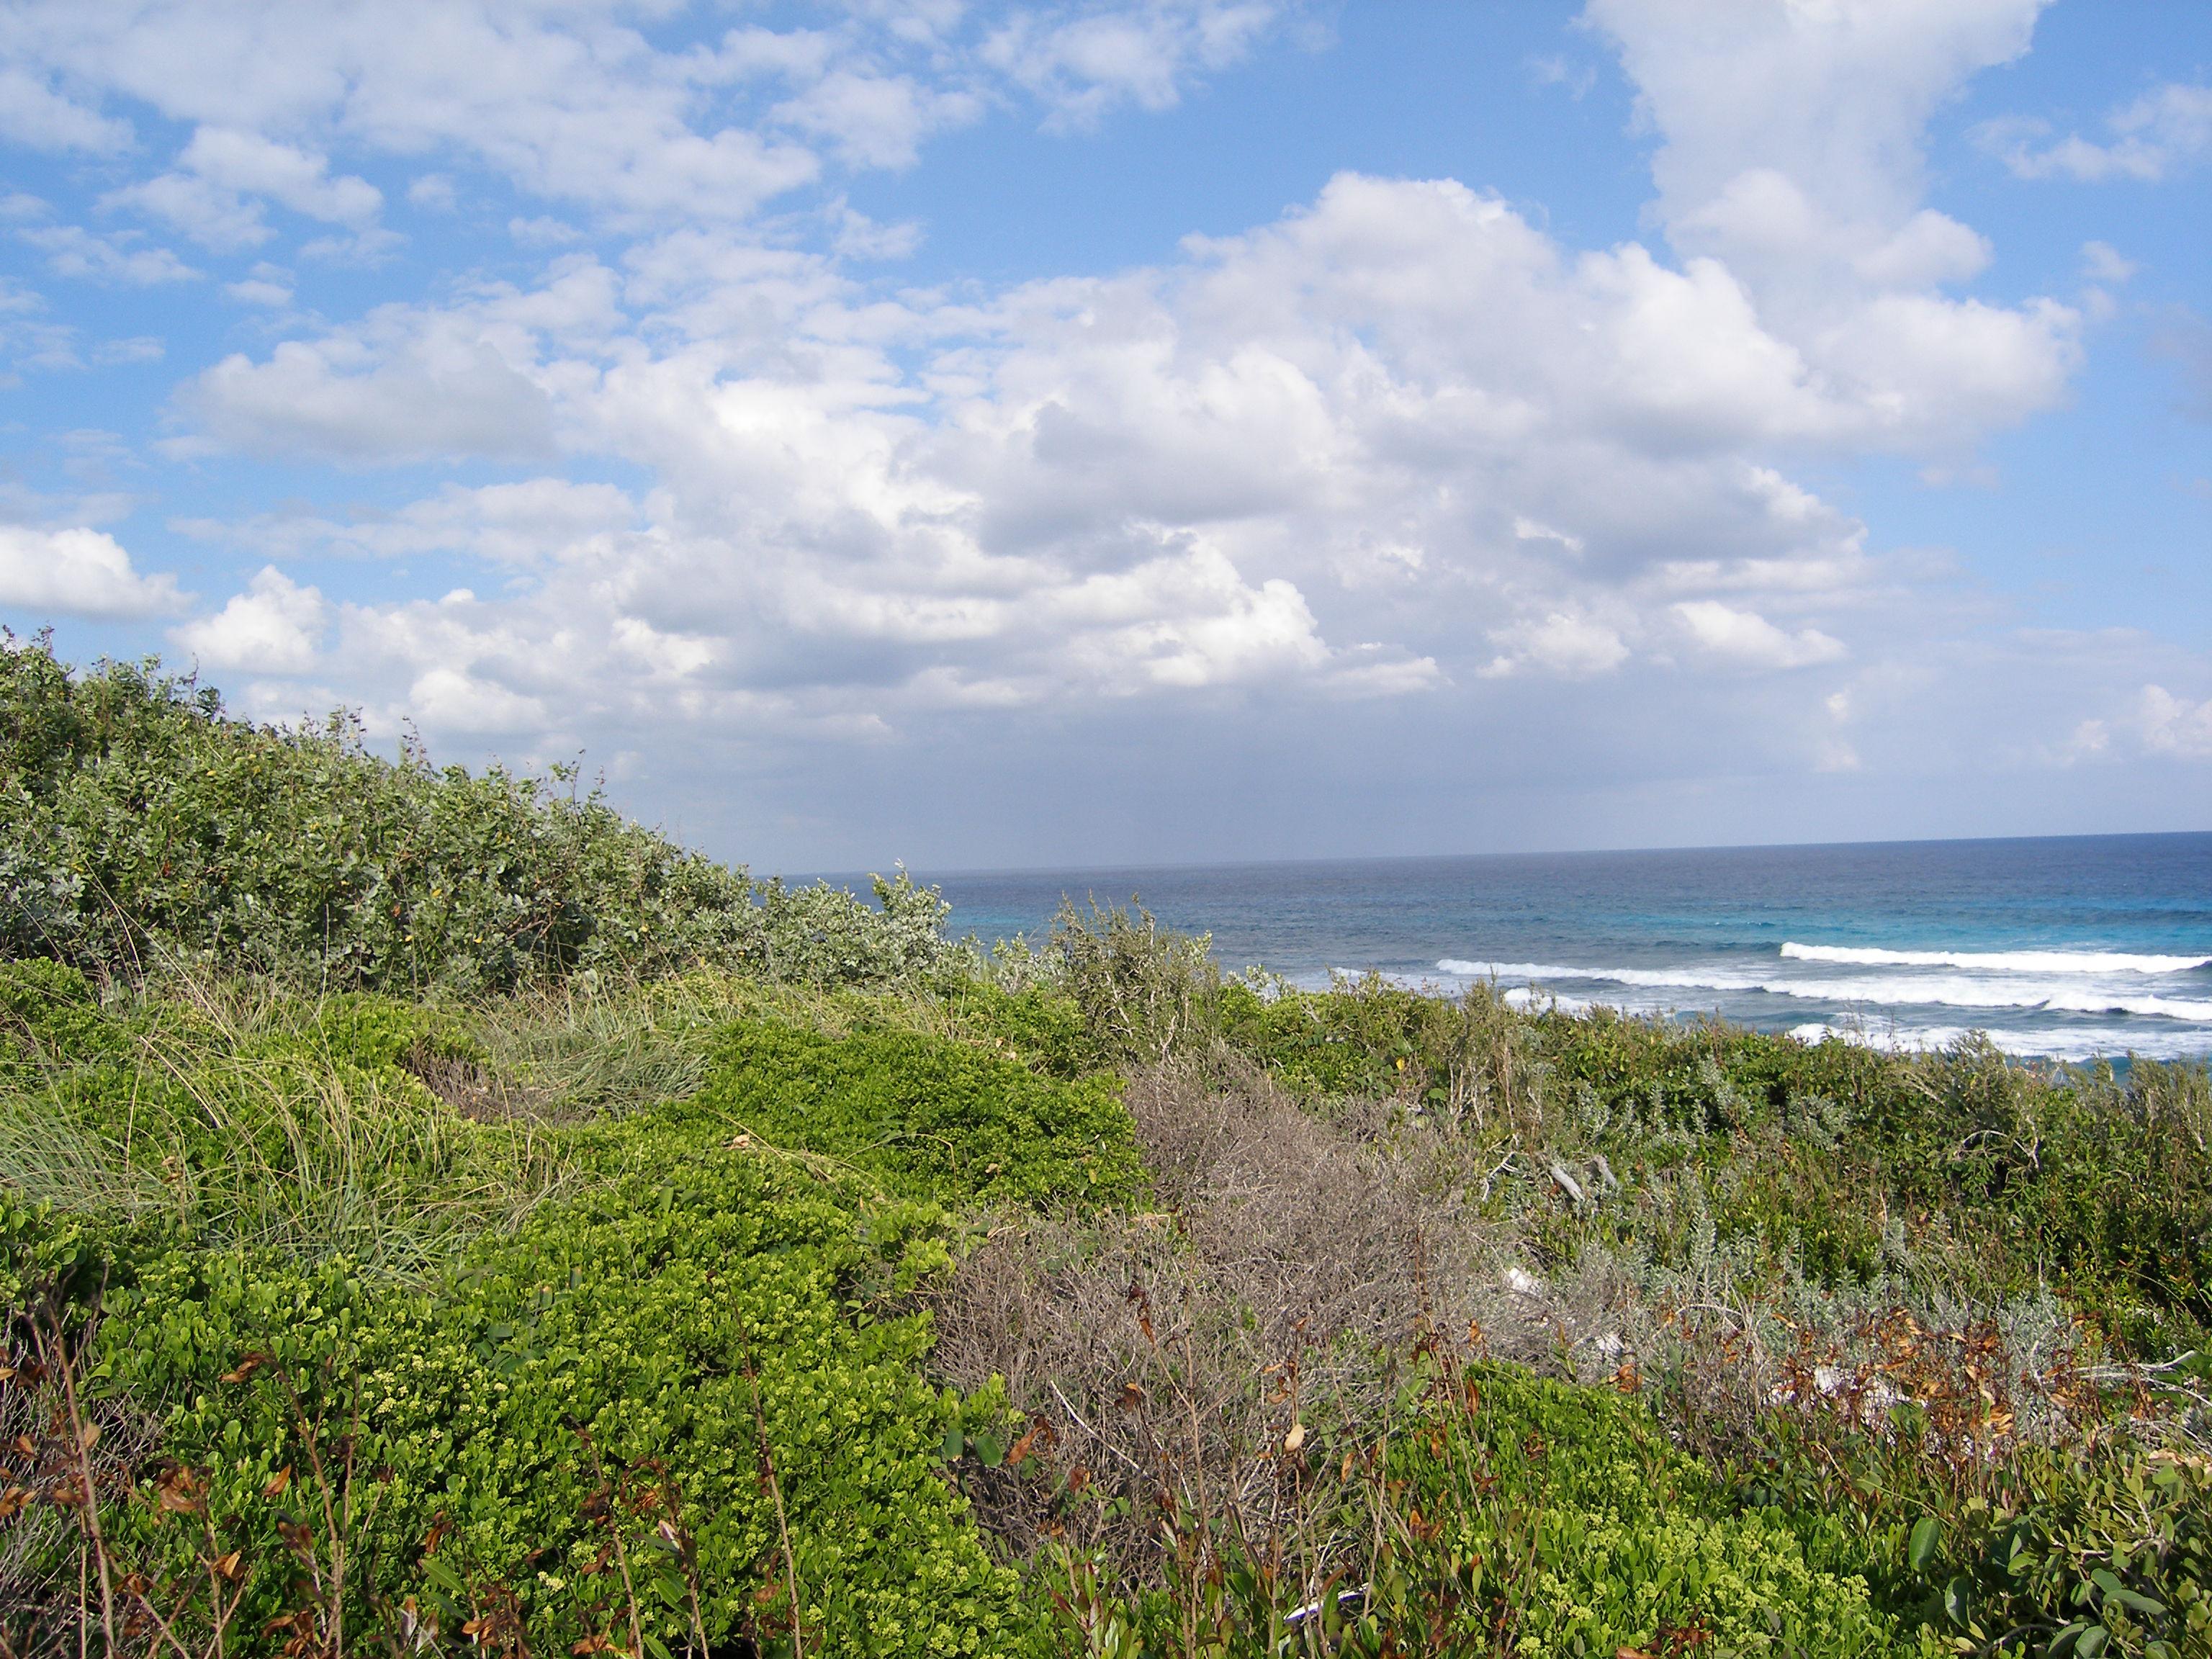 Terreno para Venda às Double Lot in Rainbow Bay Rainbow Bay, Eleuteria, Bahamas